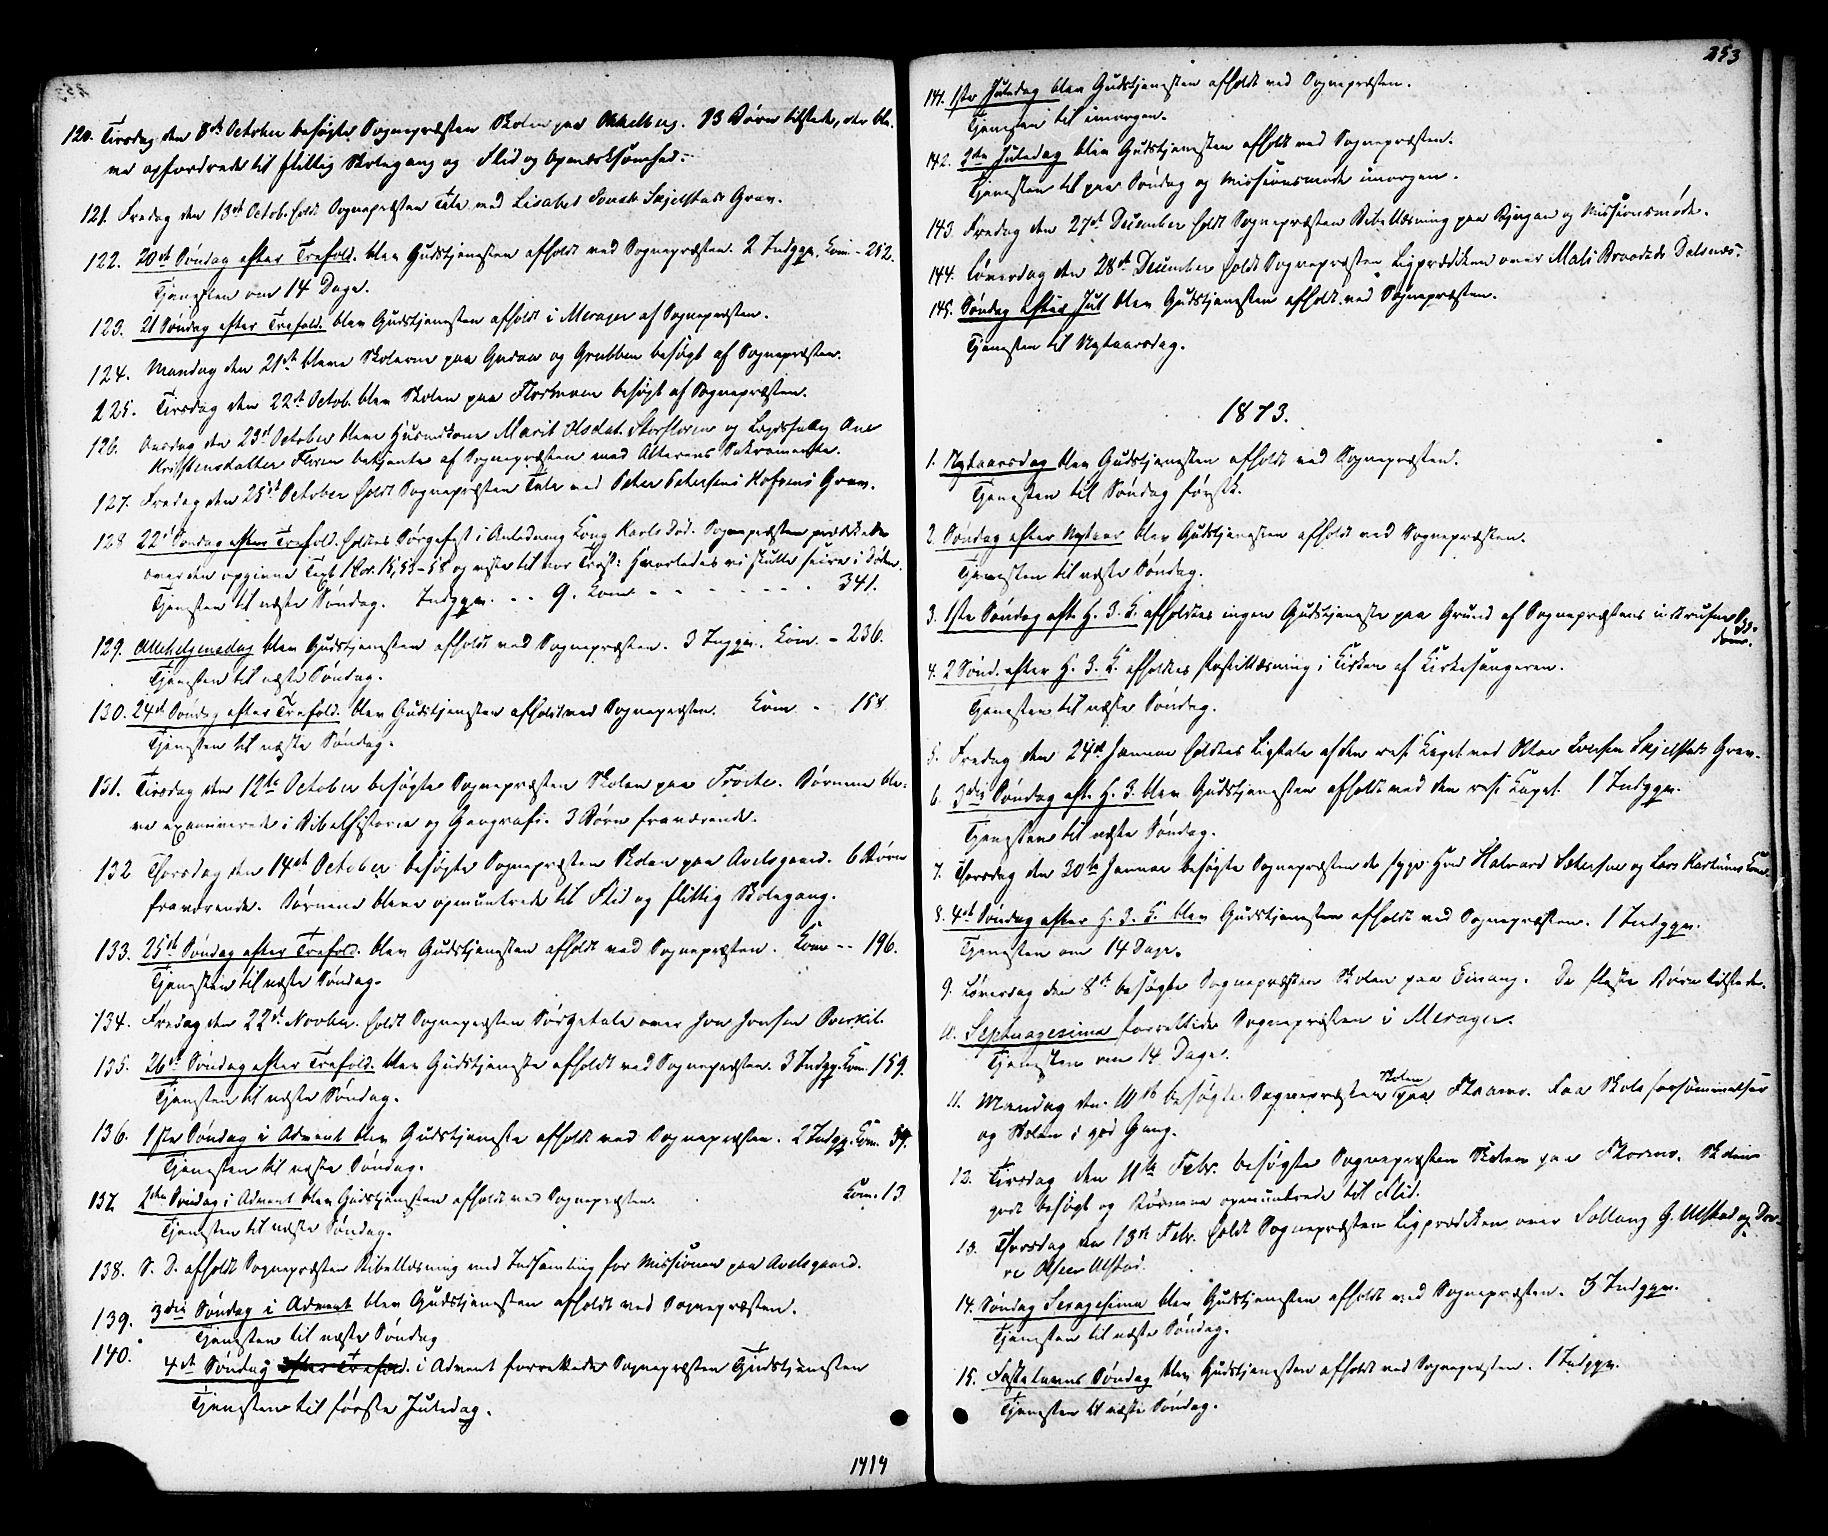 SAT, Ministerialprotokoller, klokkerbøker og fødselsregistre - Nord-Trøndelag, 703/L0029: Ministerialbok nr. 703A02, 1863-1879, s. 253